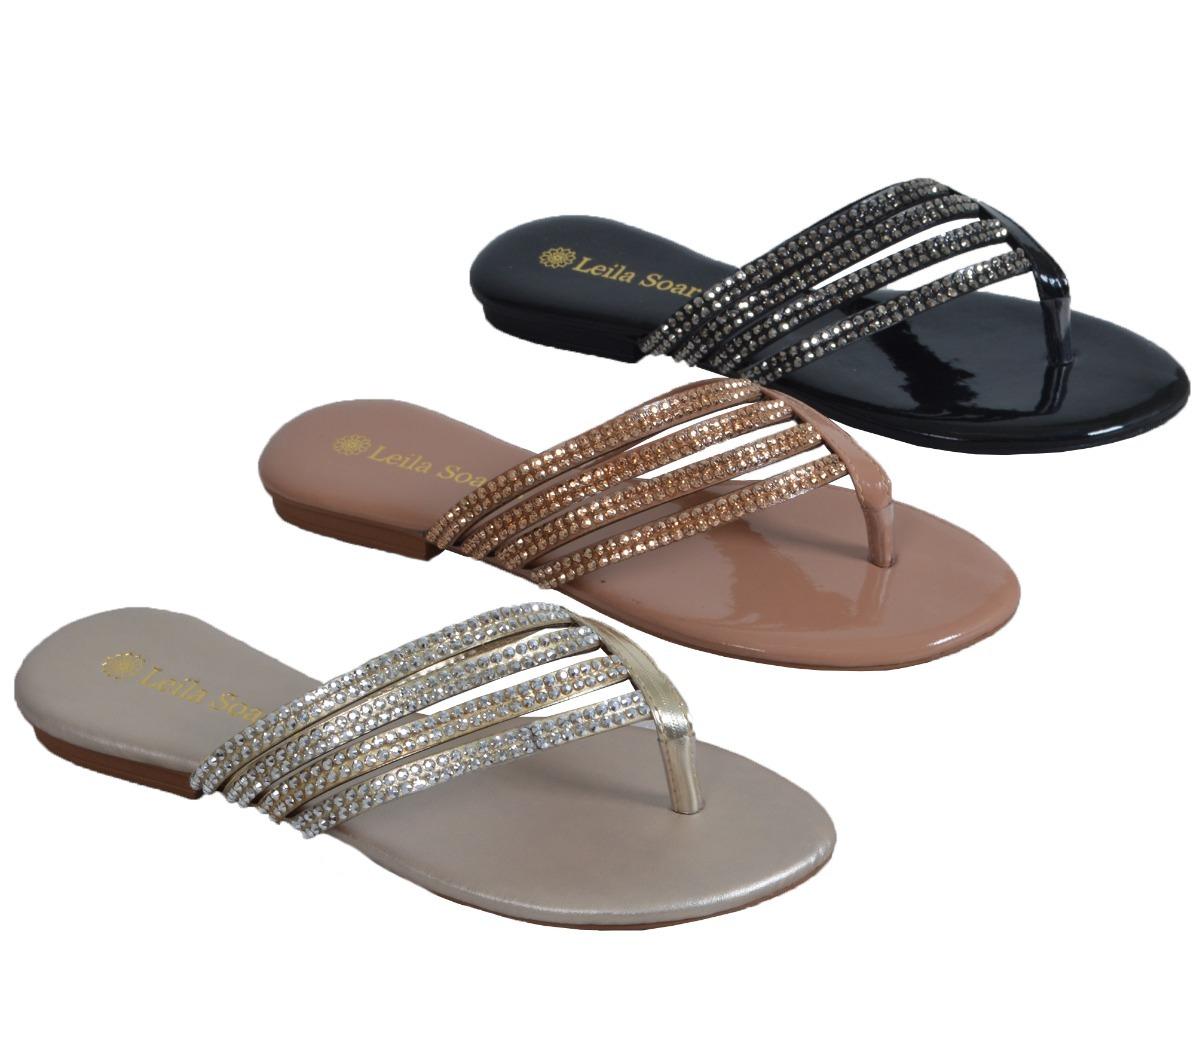 a8b3cdf17b kit 3 rasteirinha feminina strass sandália frete grátis 803. Carregando  zoom.